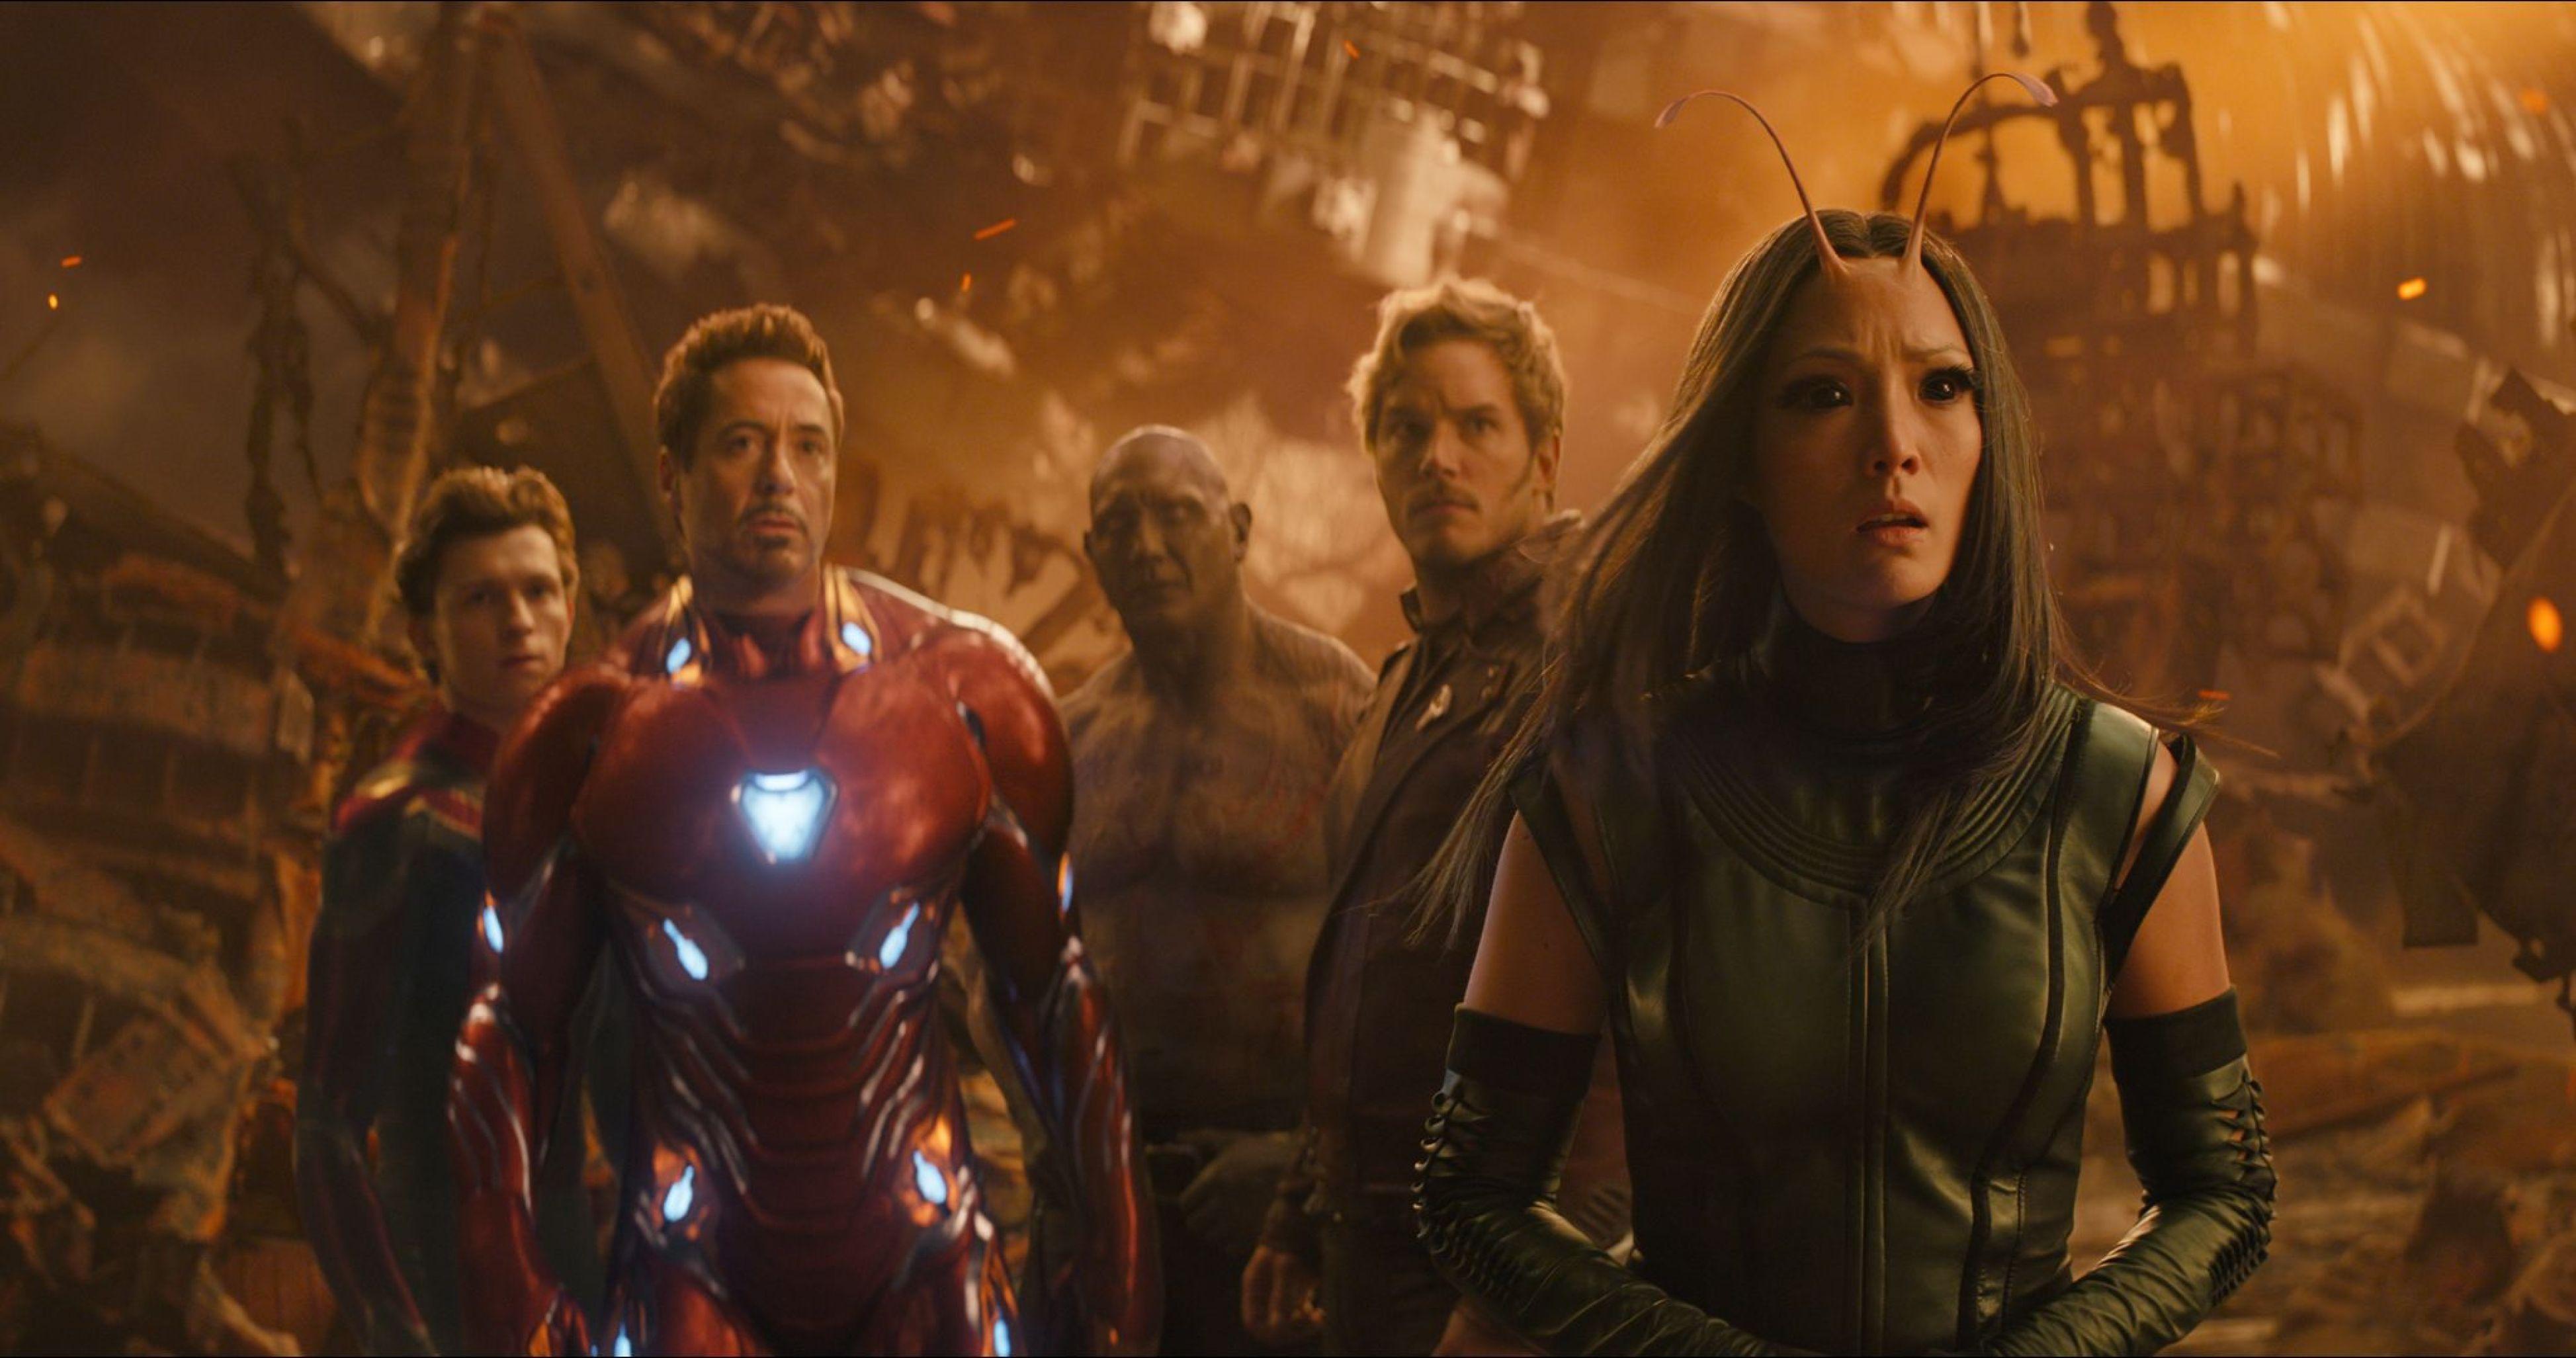 Avengers Infinity War Avengers Infinity War Avengers Infinity War Image Action Movies Marvel Cinematic Marvel Cinematic Universe Avengers Infinity War